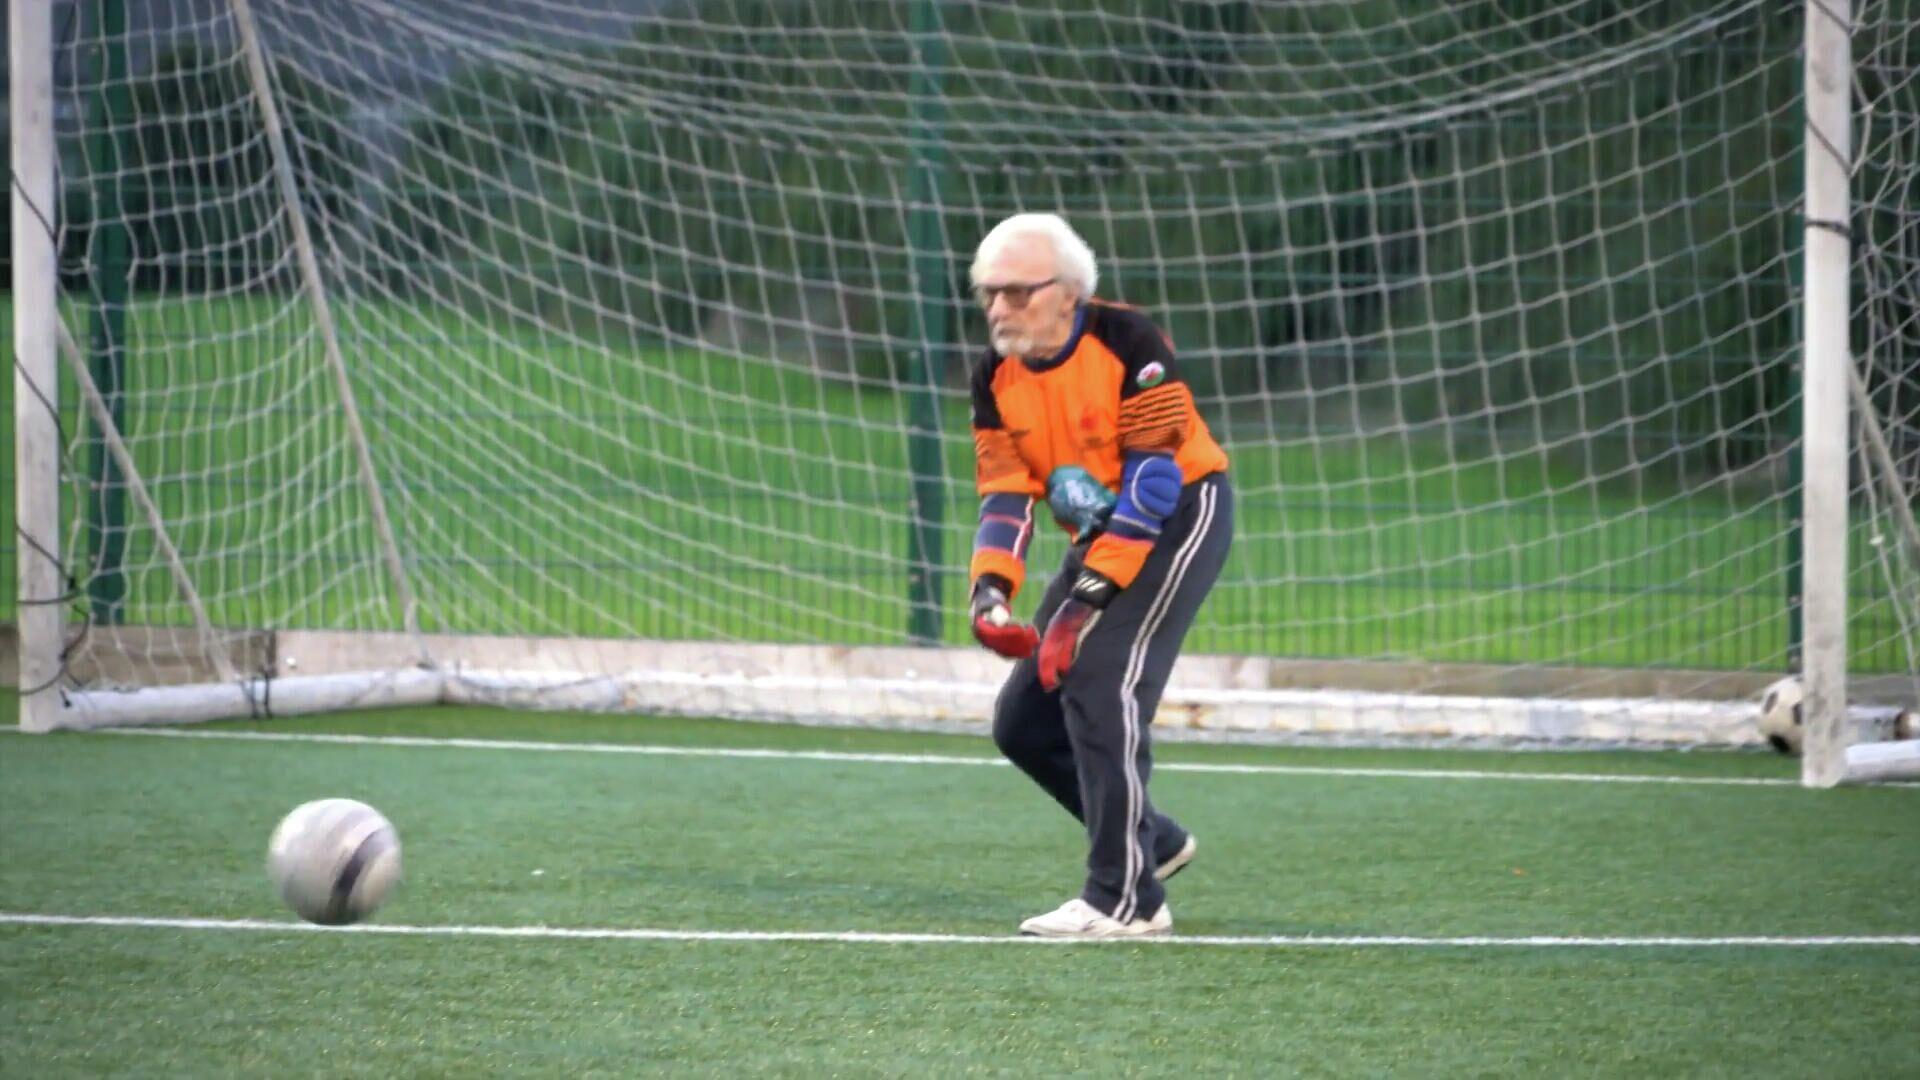 Ο γηραιότερος εν ενεργεία ποδοσφαιριστής είναι ένας 88χρονος παππούς τερματοφύλακας - Sputnik Ελλάδα, 1920, 06.10.2021